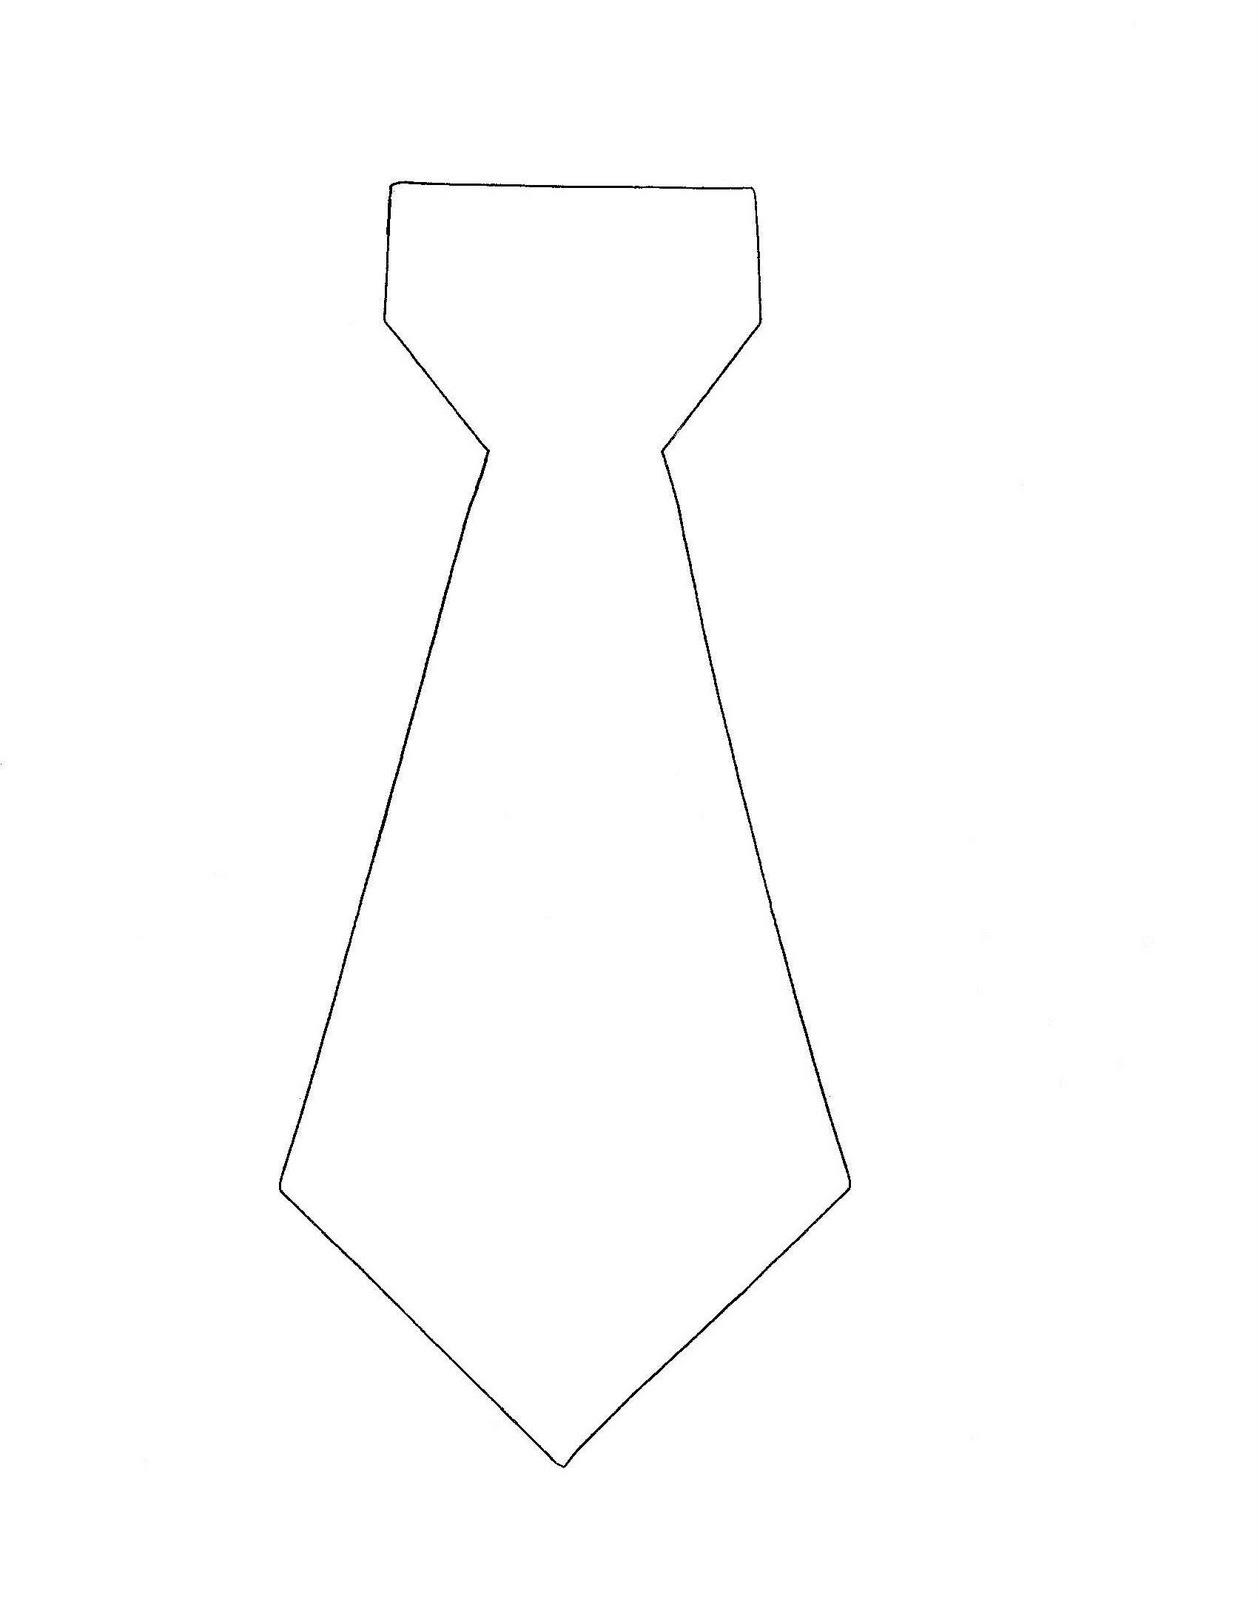 11 Images Of Free Printable Tie Template | Somaek - Free Printable Tie Template